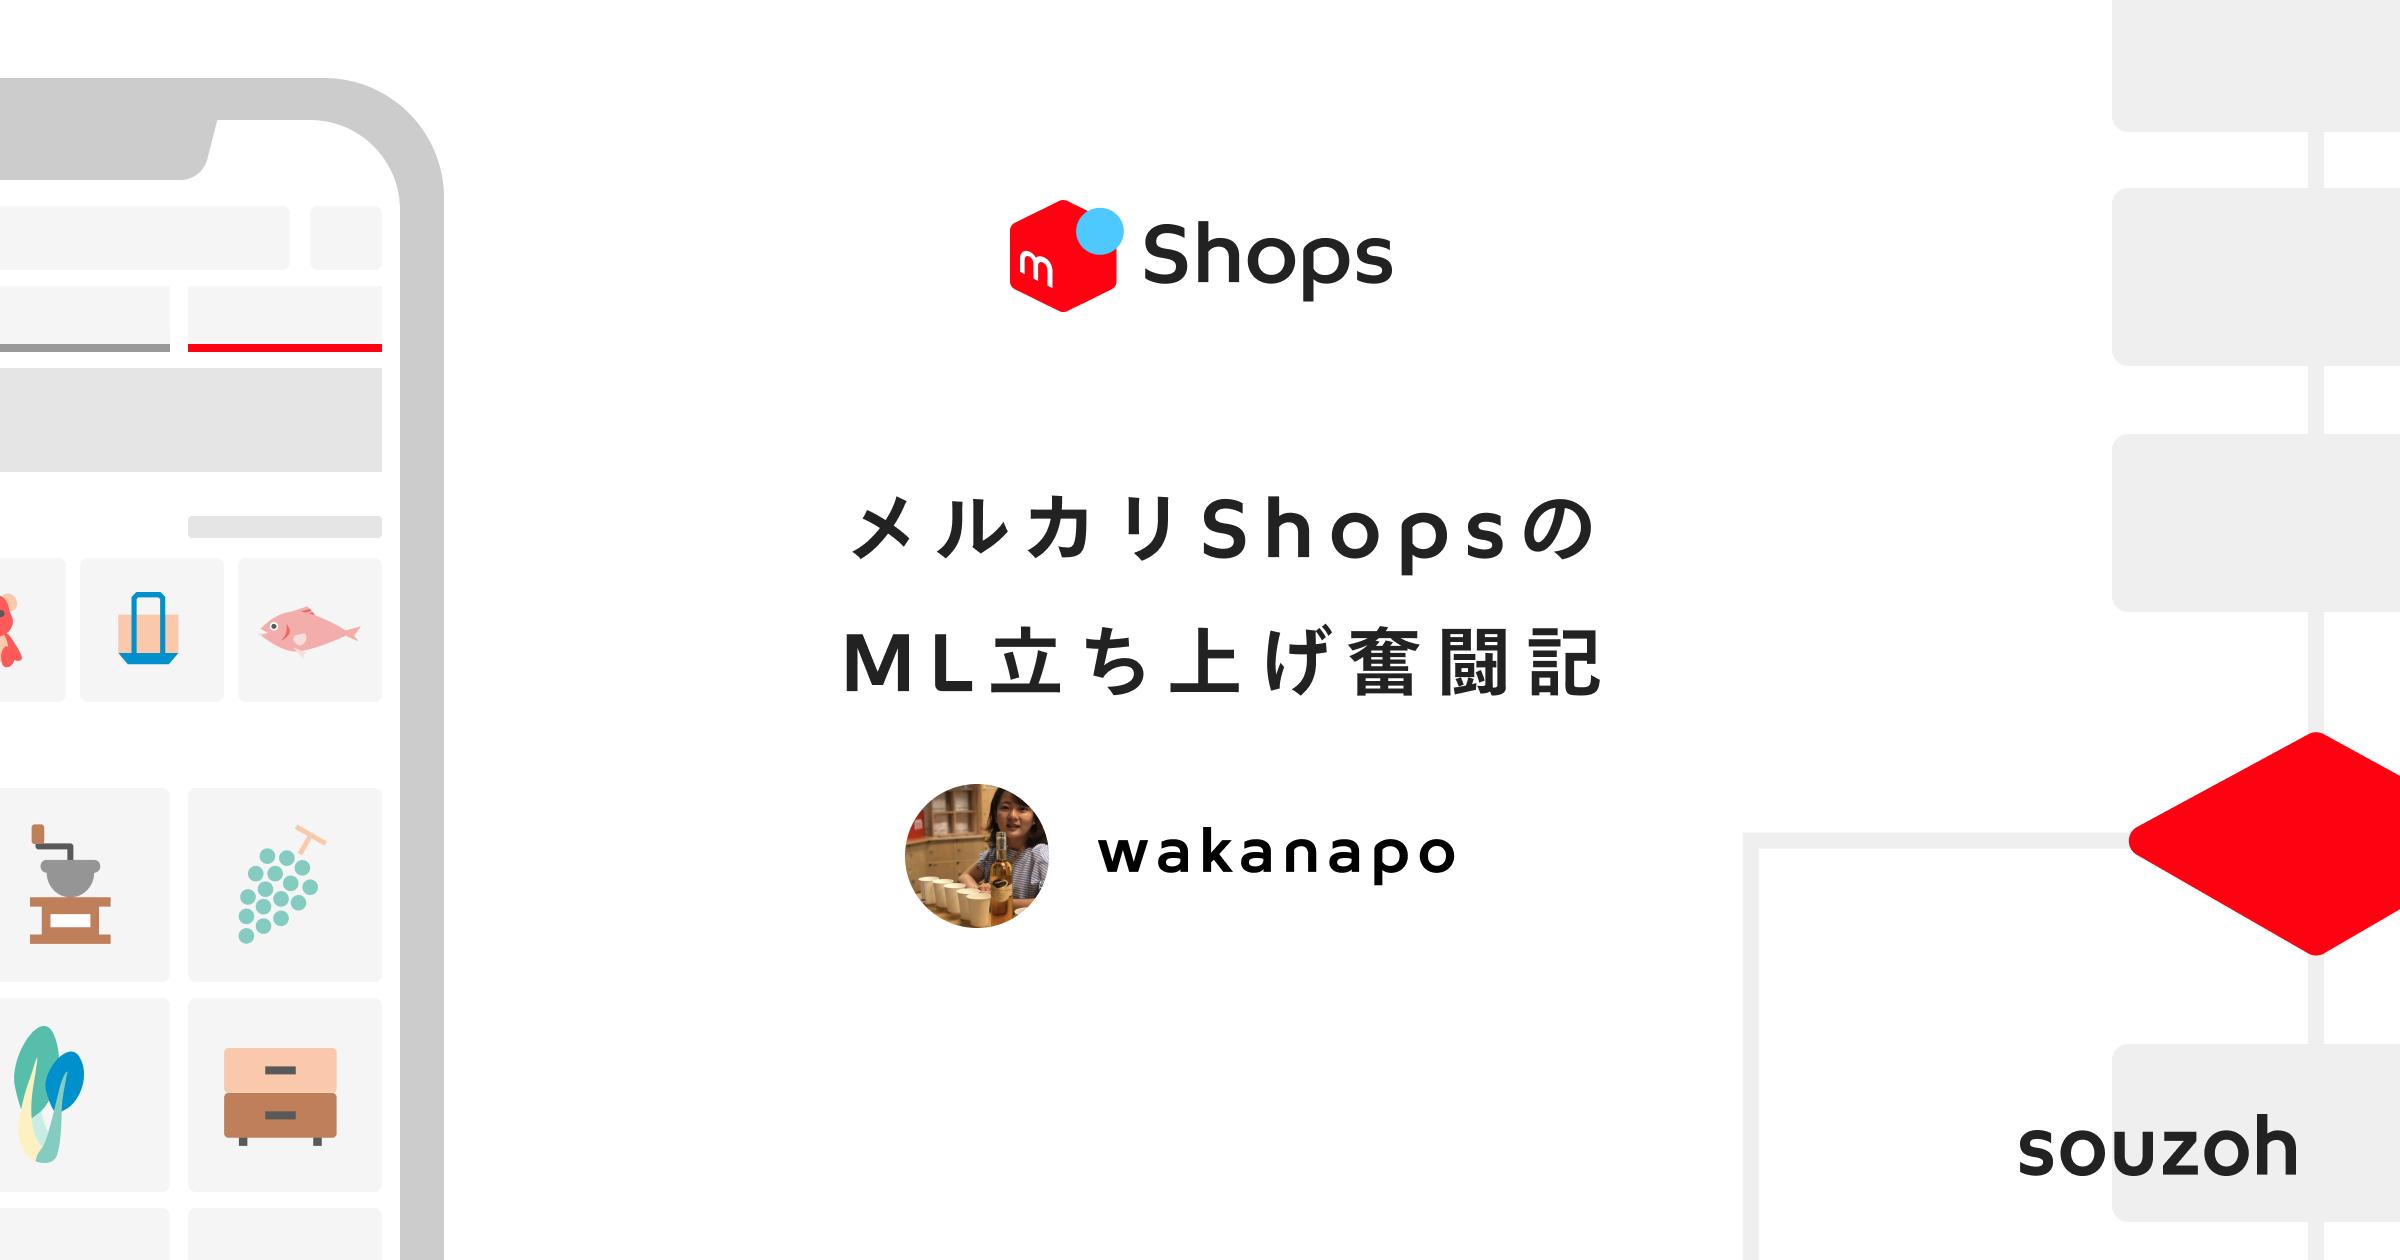 メルカリShopsのML立ち上げ奮闘記